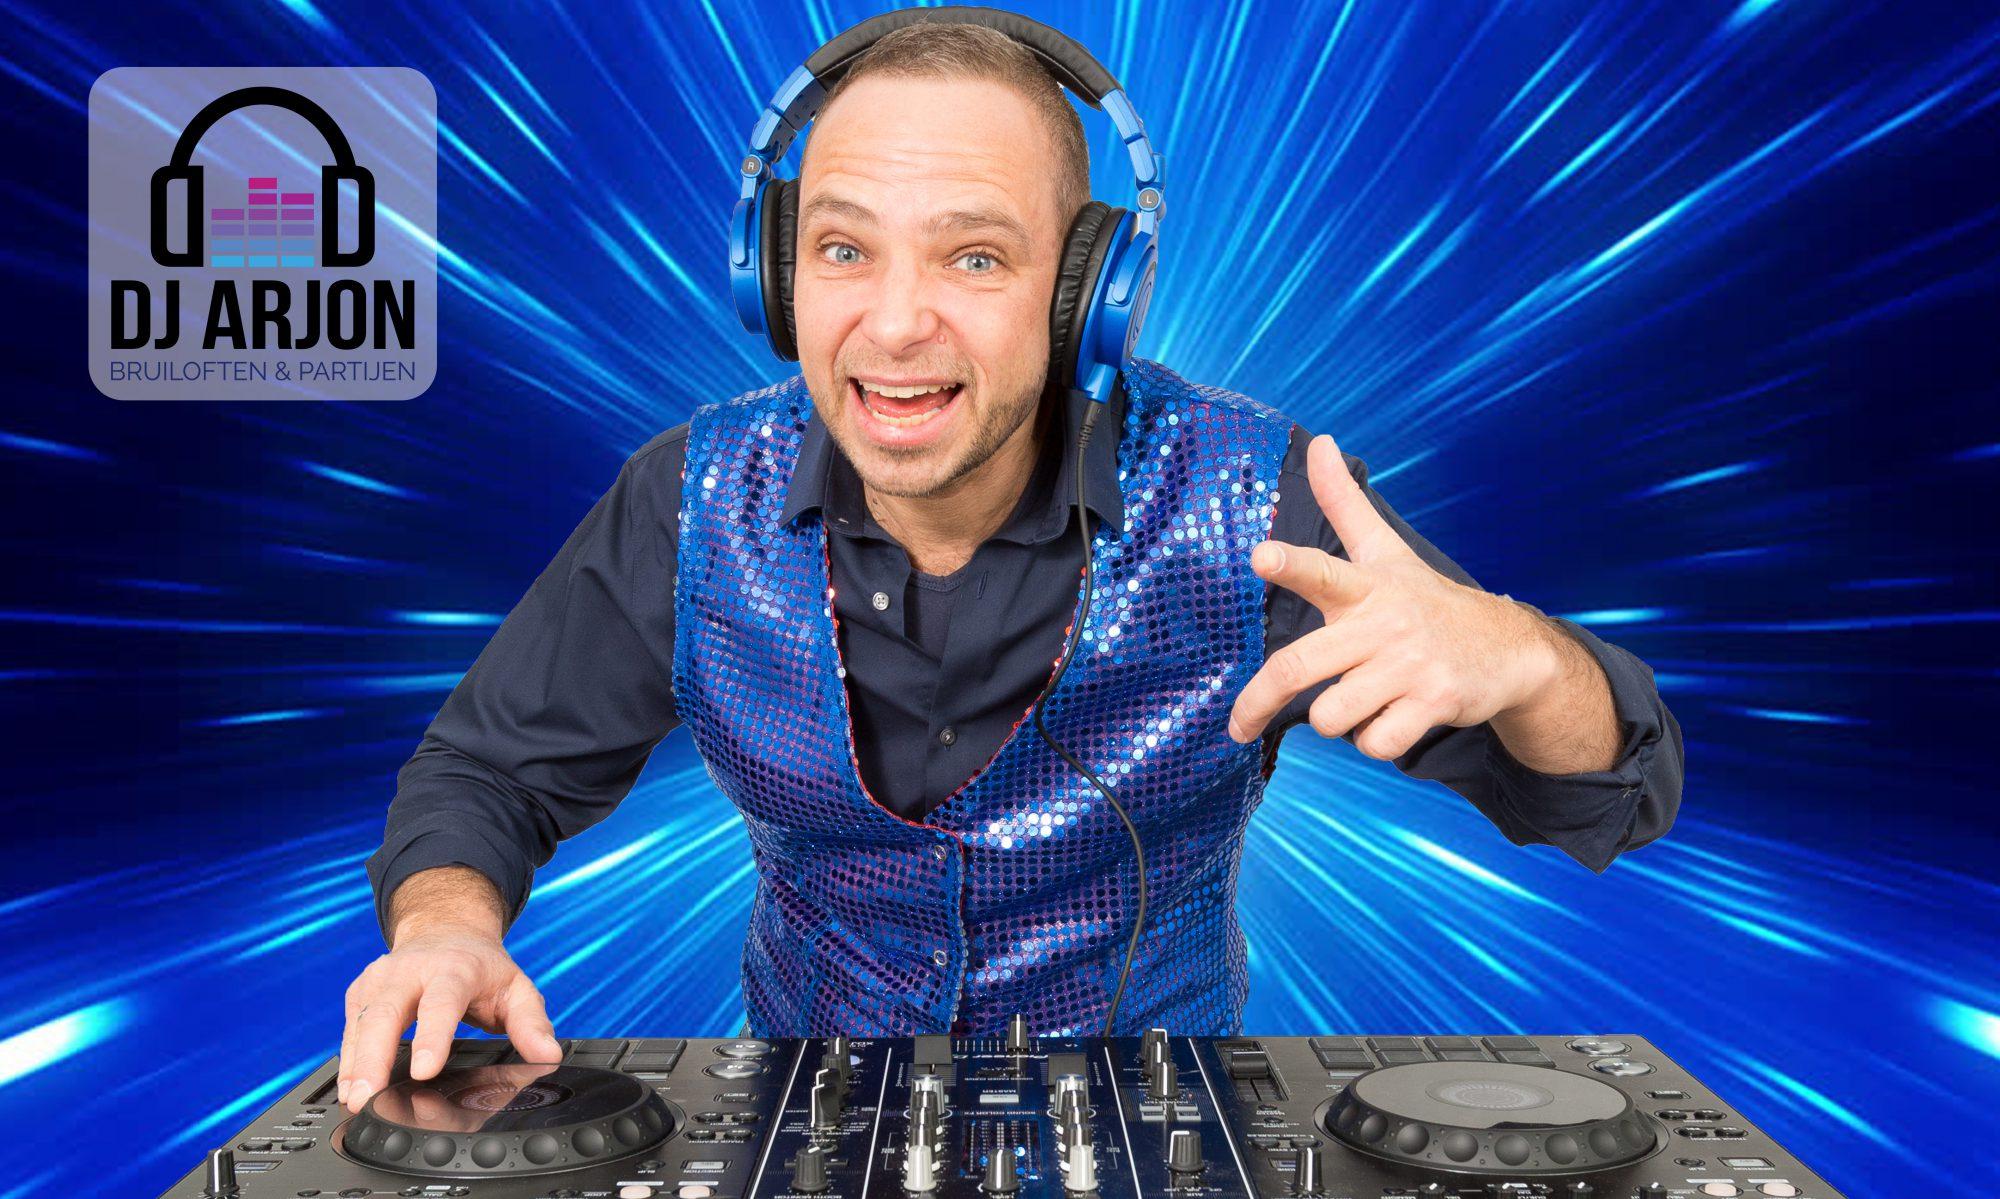 DJ Arjon